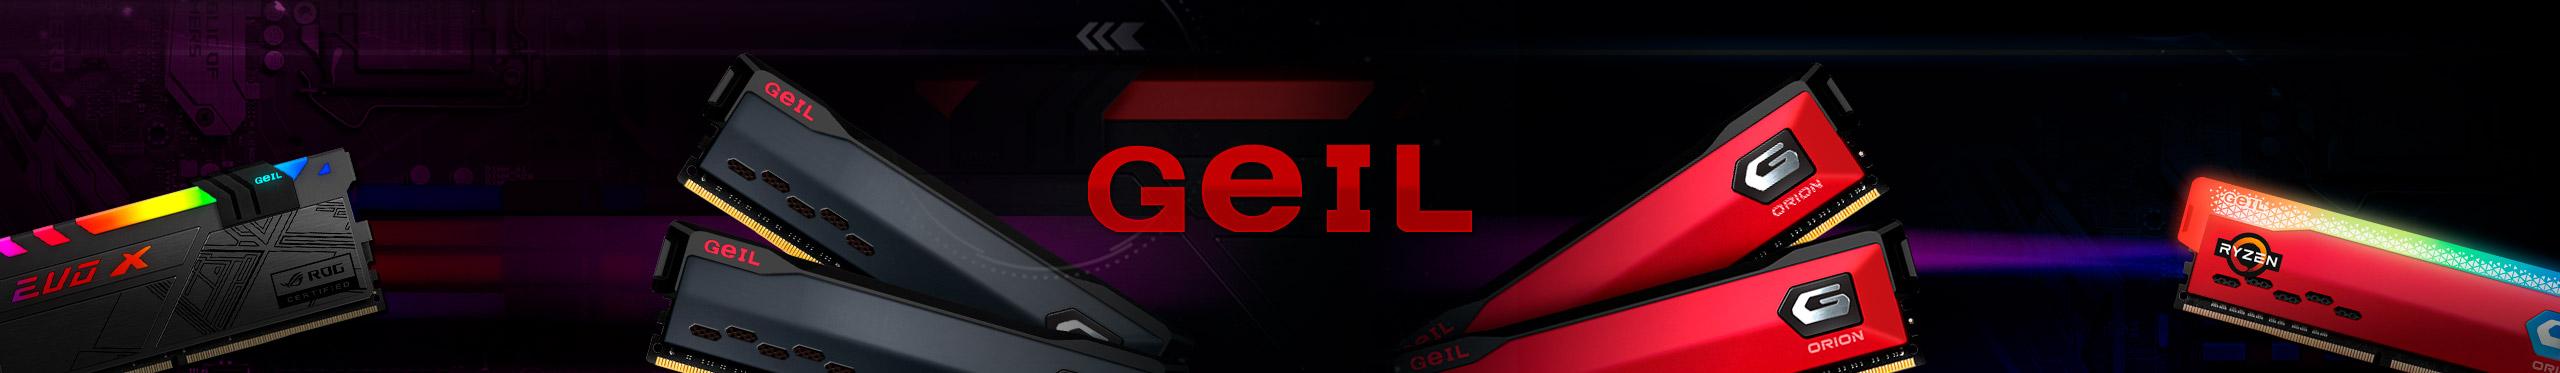 Um PC com Memória Geil é um PC mais veloz!